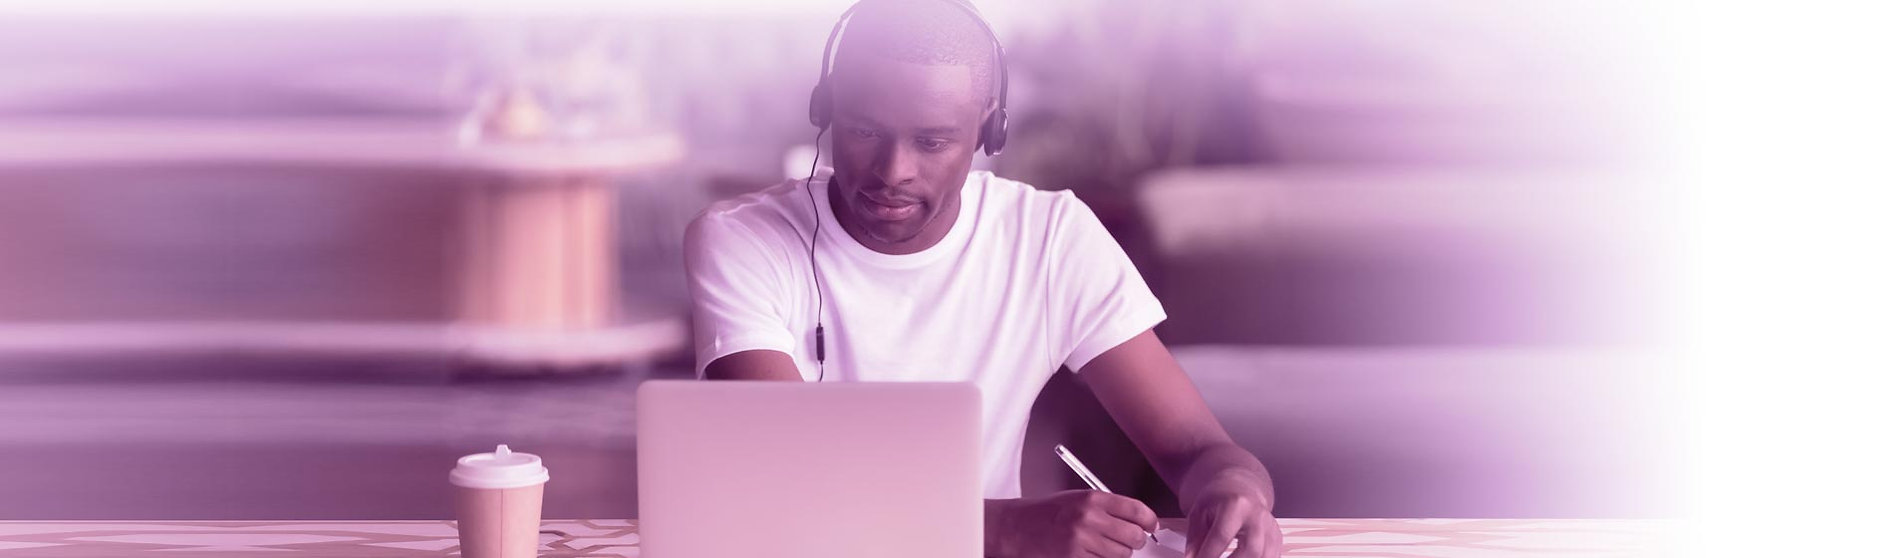 Online-Training-Header.jpg